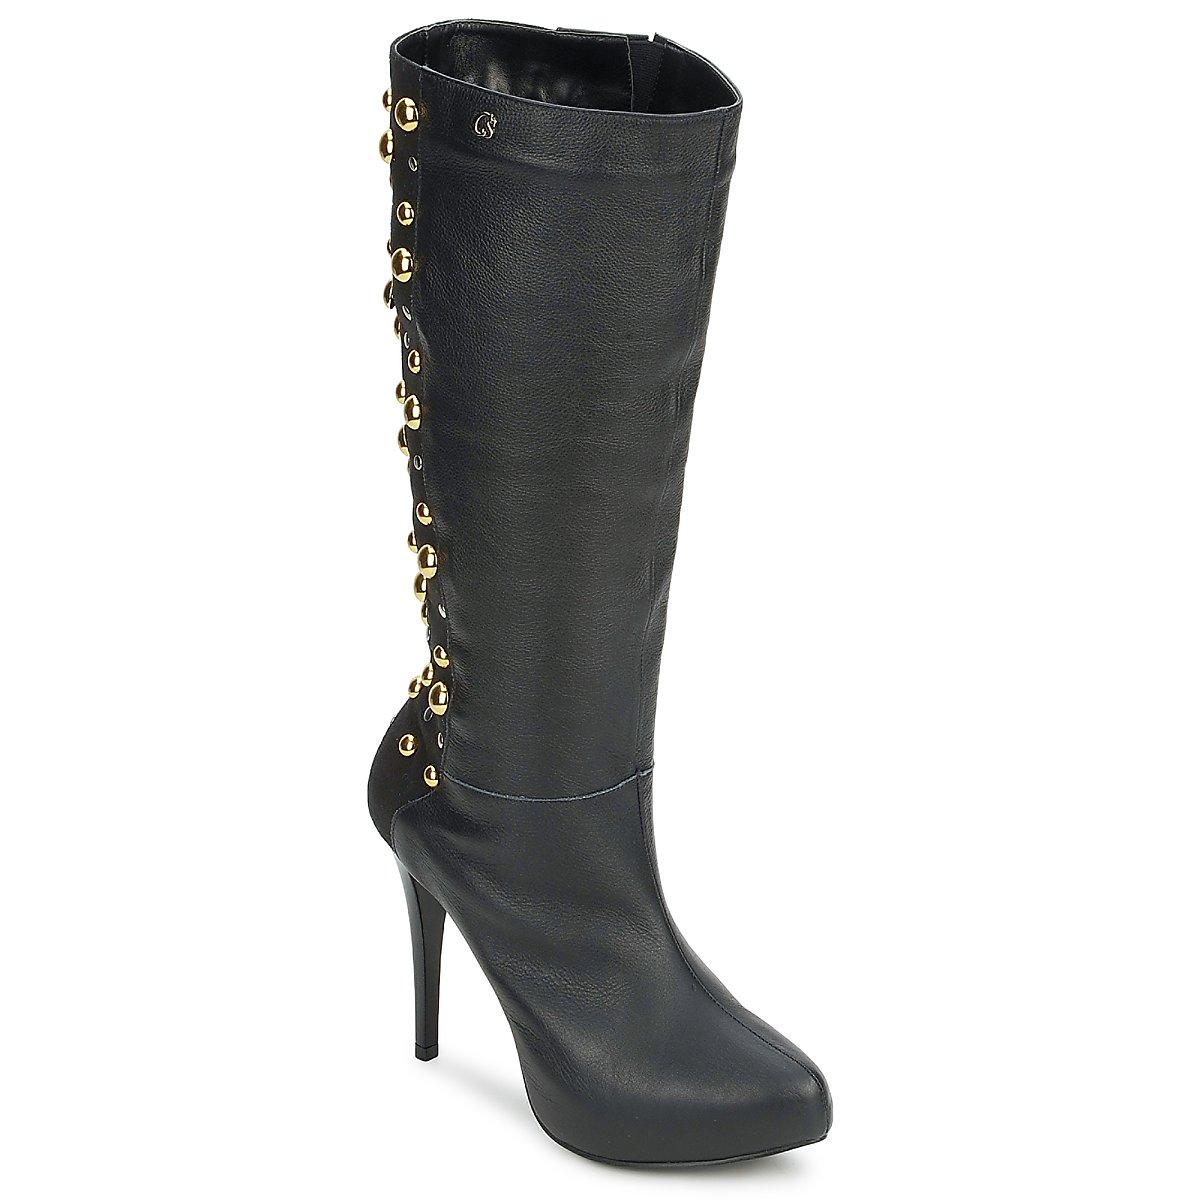 Støvler Carmen Steffens  9112399001